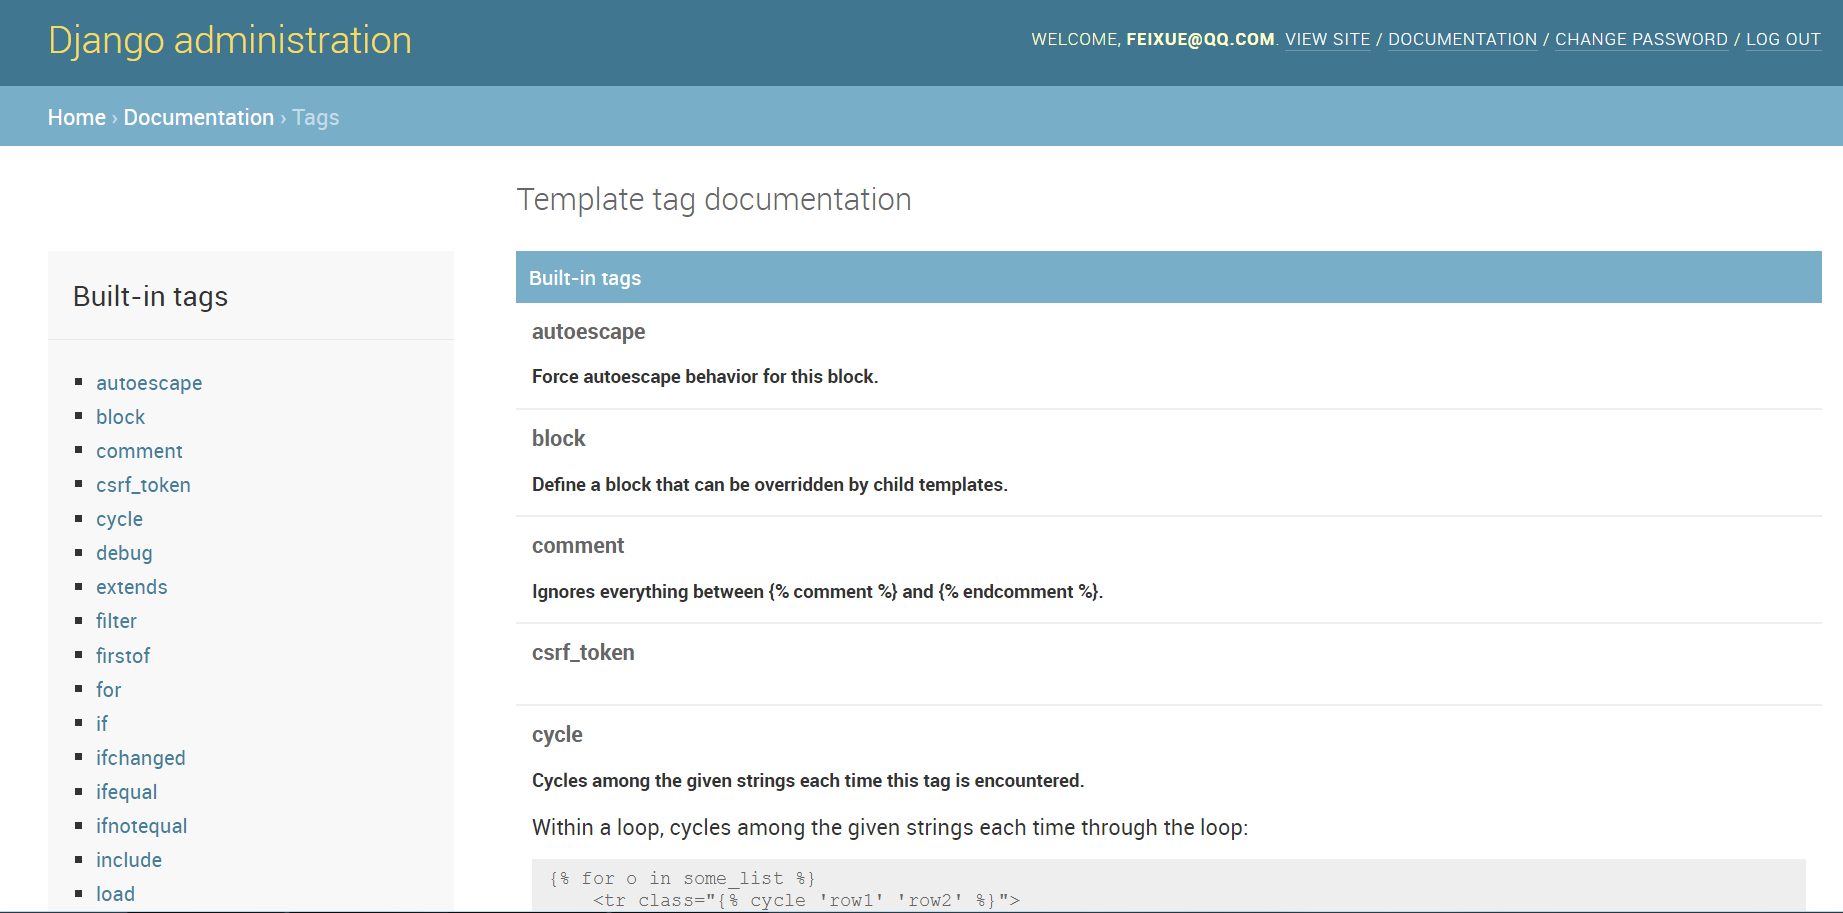 django site templates - django admin